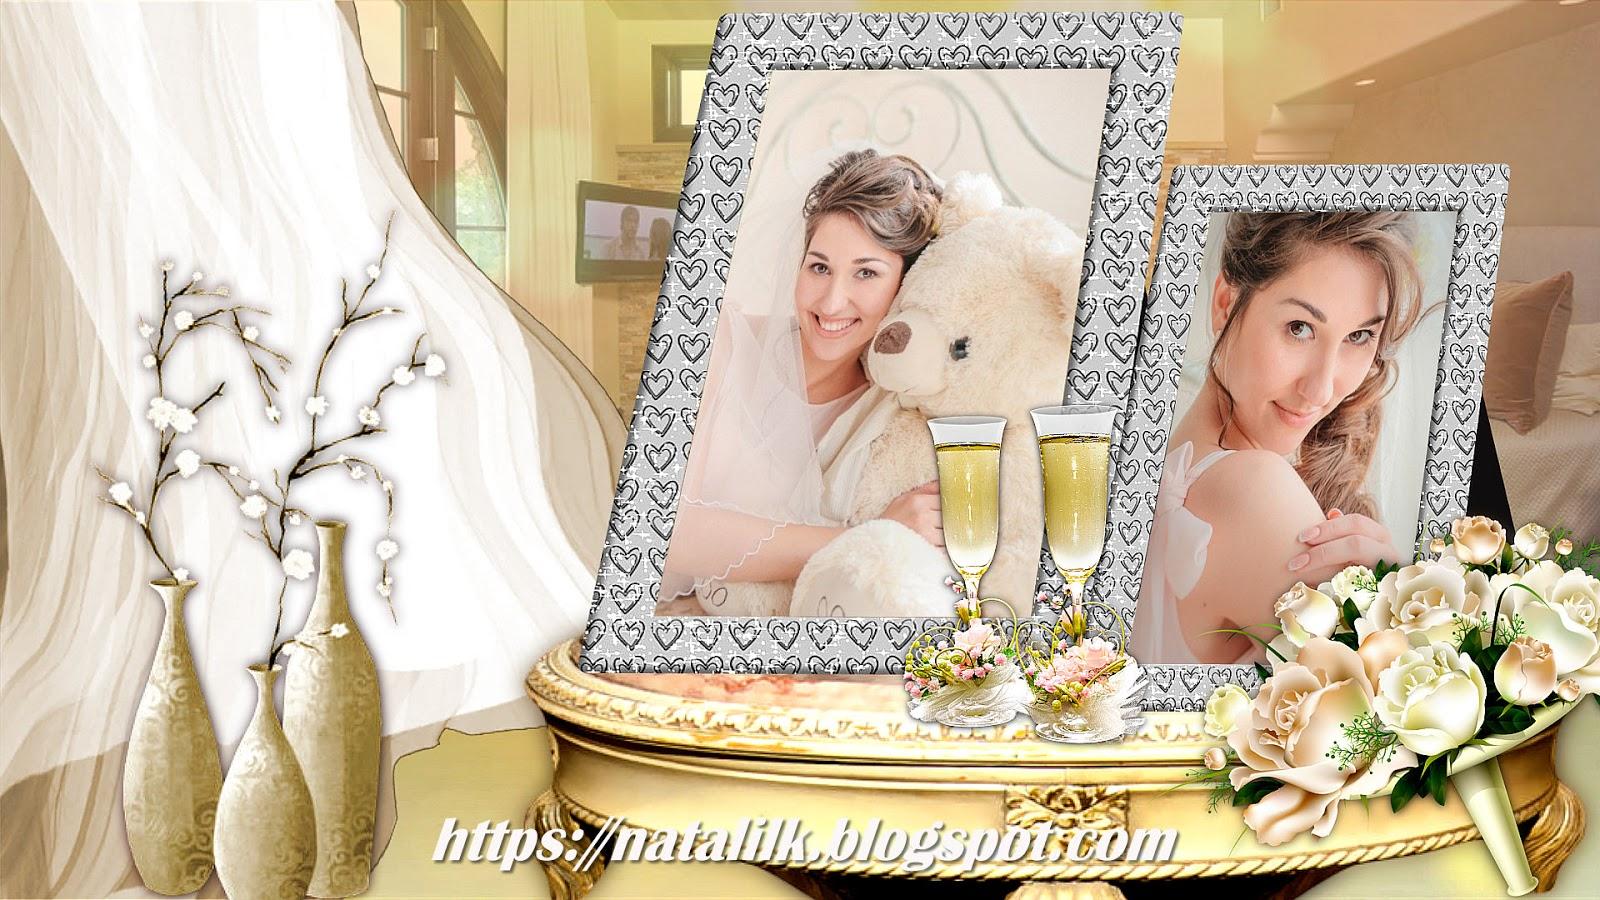 Слайд шоу из фотографий на свадьбу дочери слово словесный